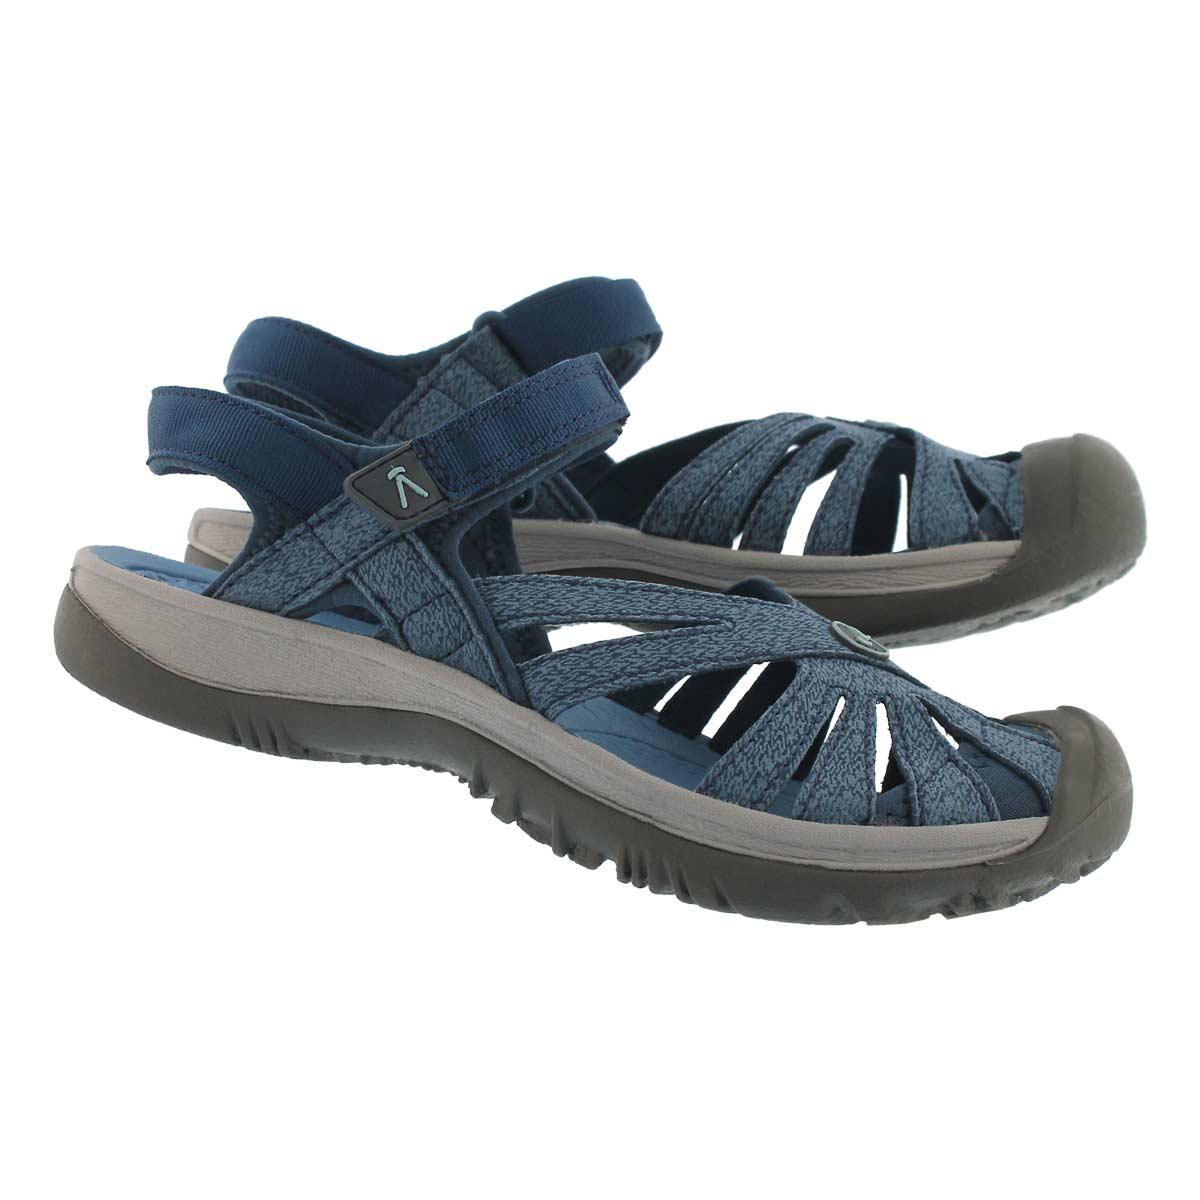 Women's ROSE blue opal sport sandals